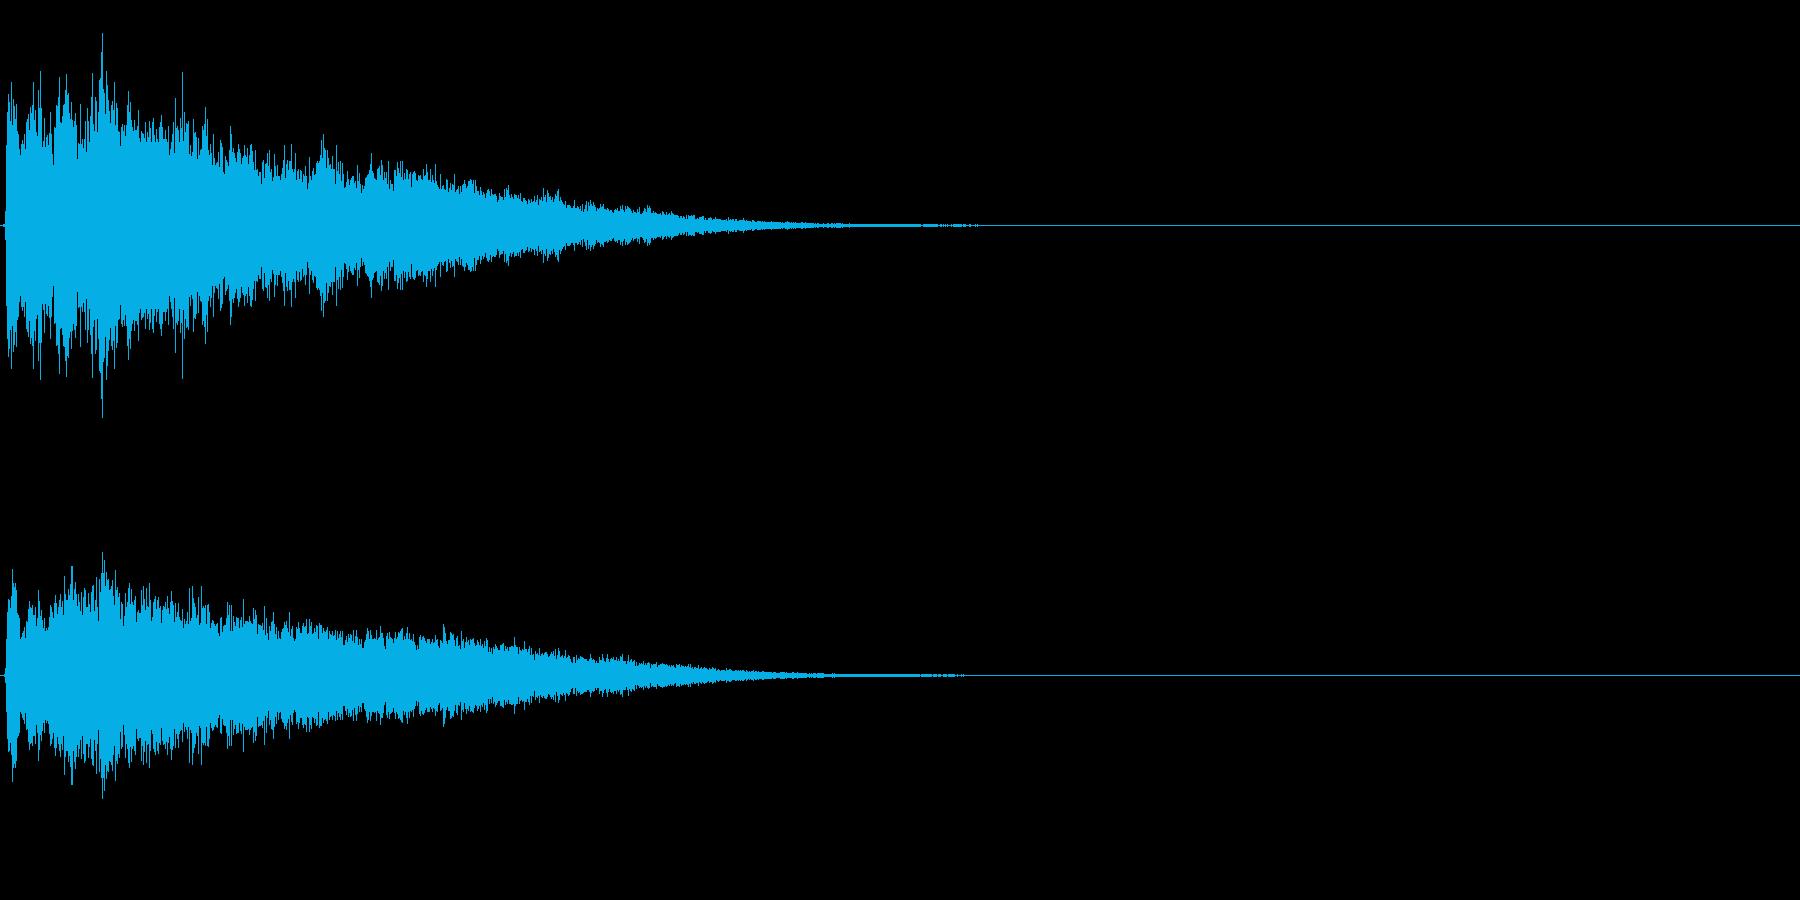 ゲームスタート、決定、ボタン音-024の再生済みの波形